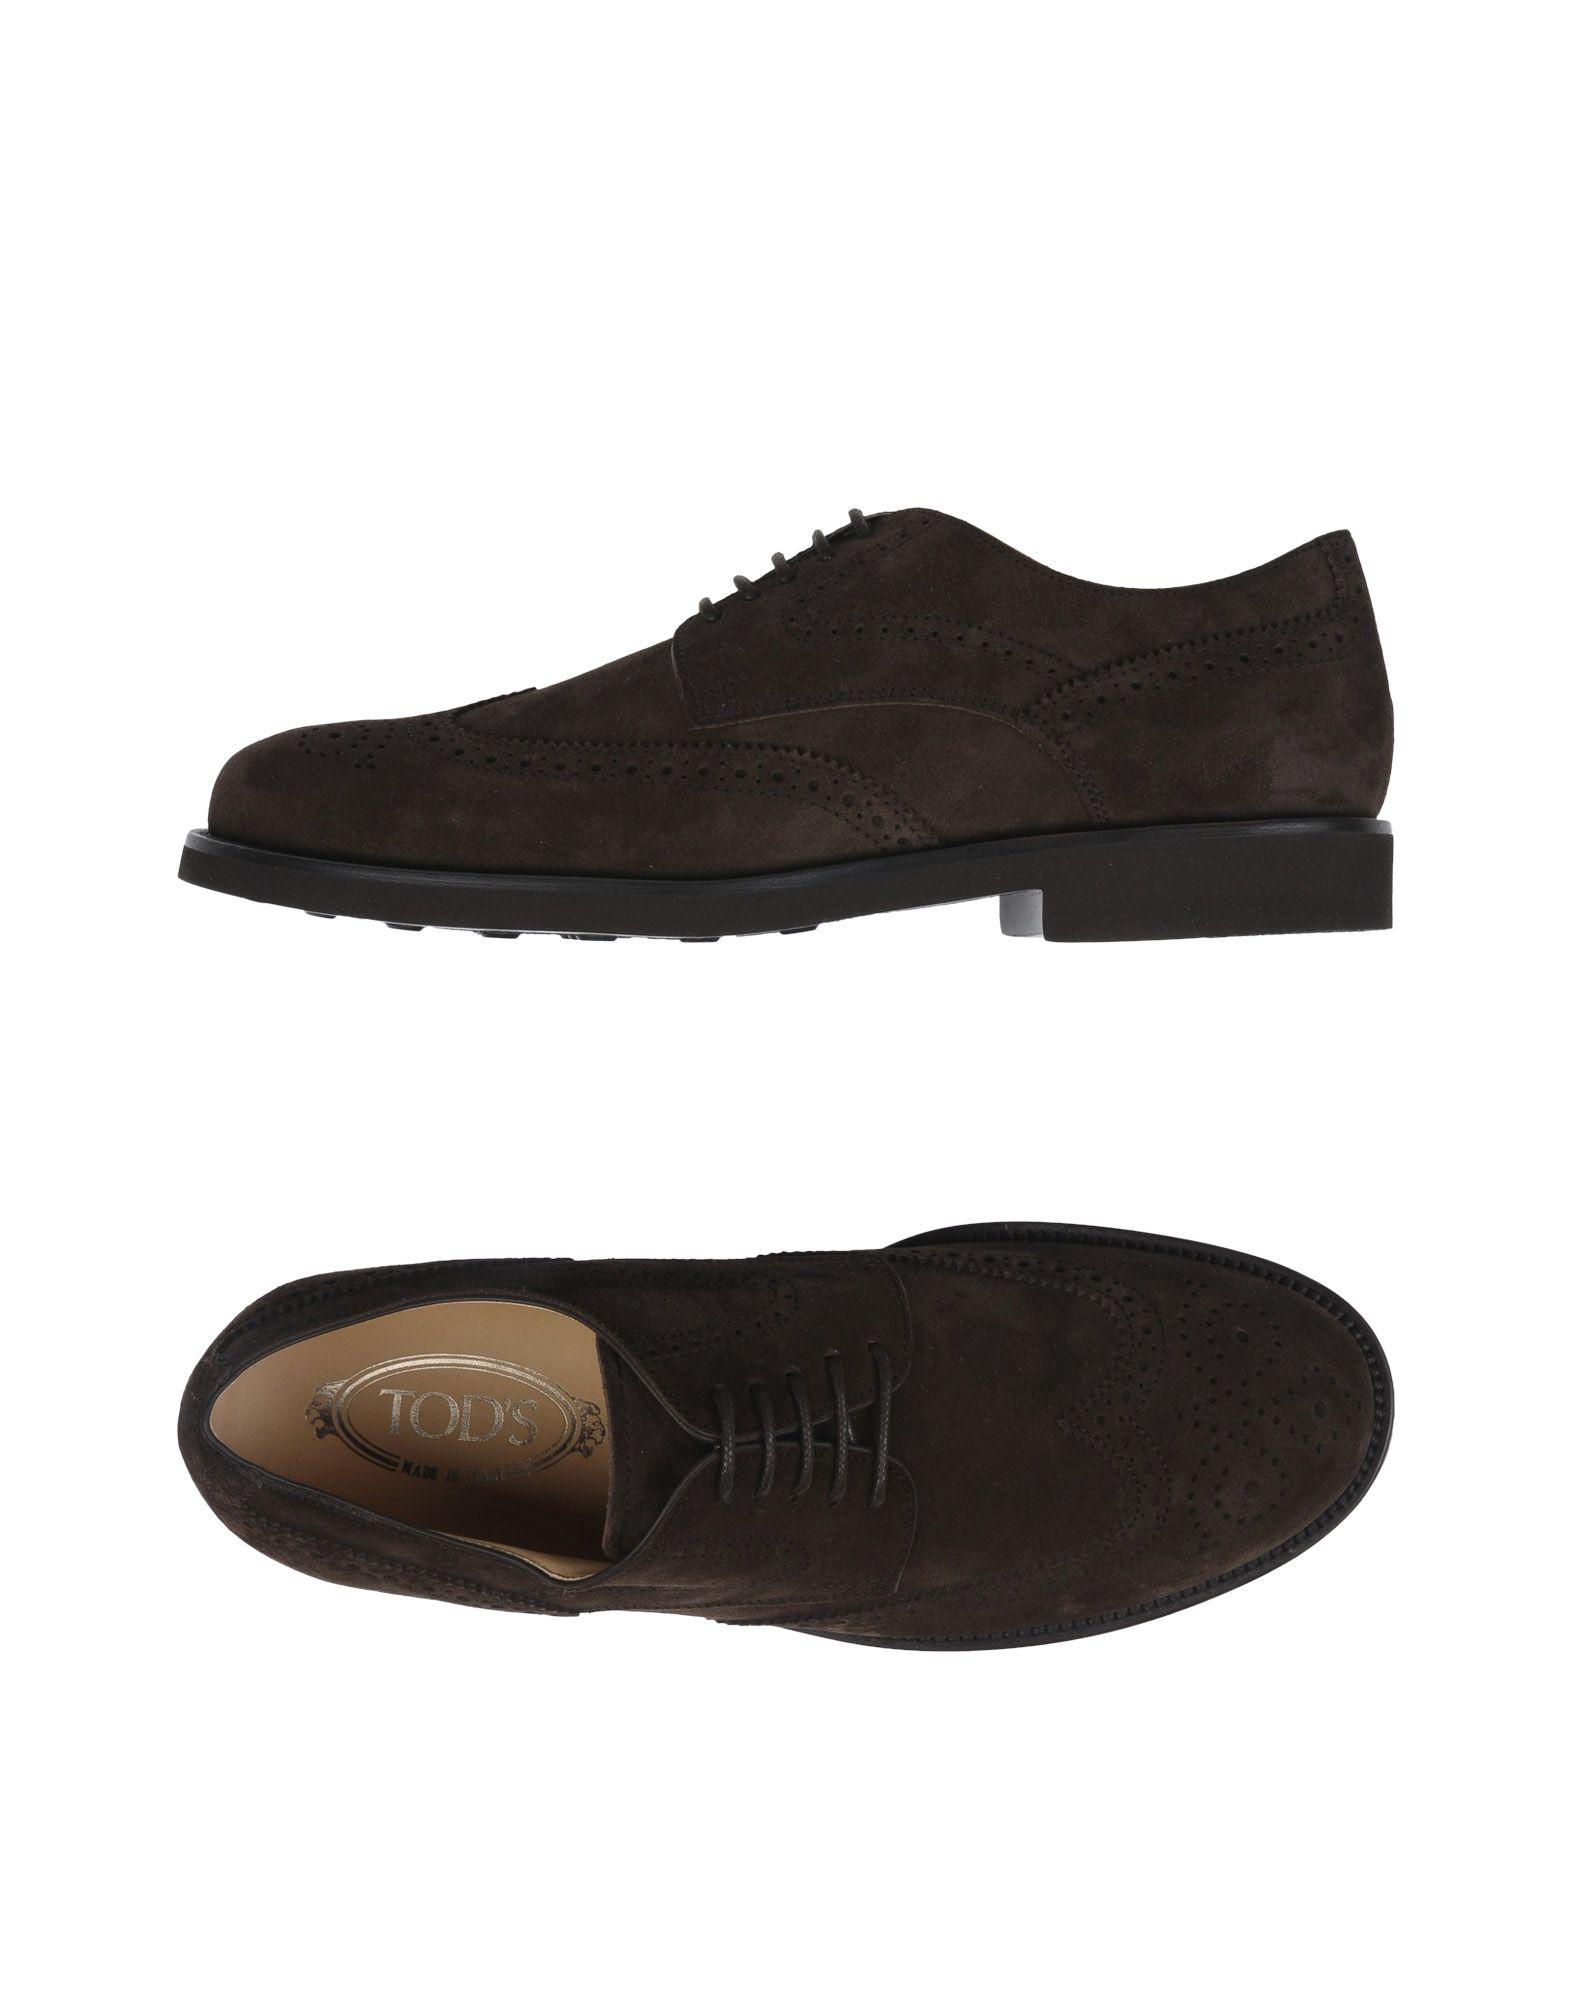 Tod's Schnürschuhe Herren  11248862FQ Gute Qualität beliebte Schuhe